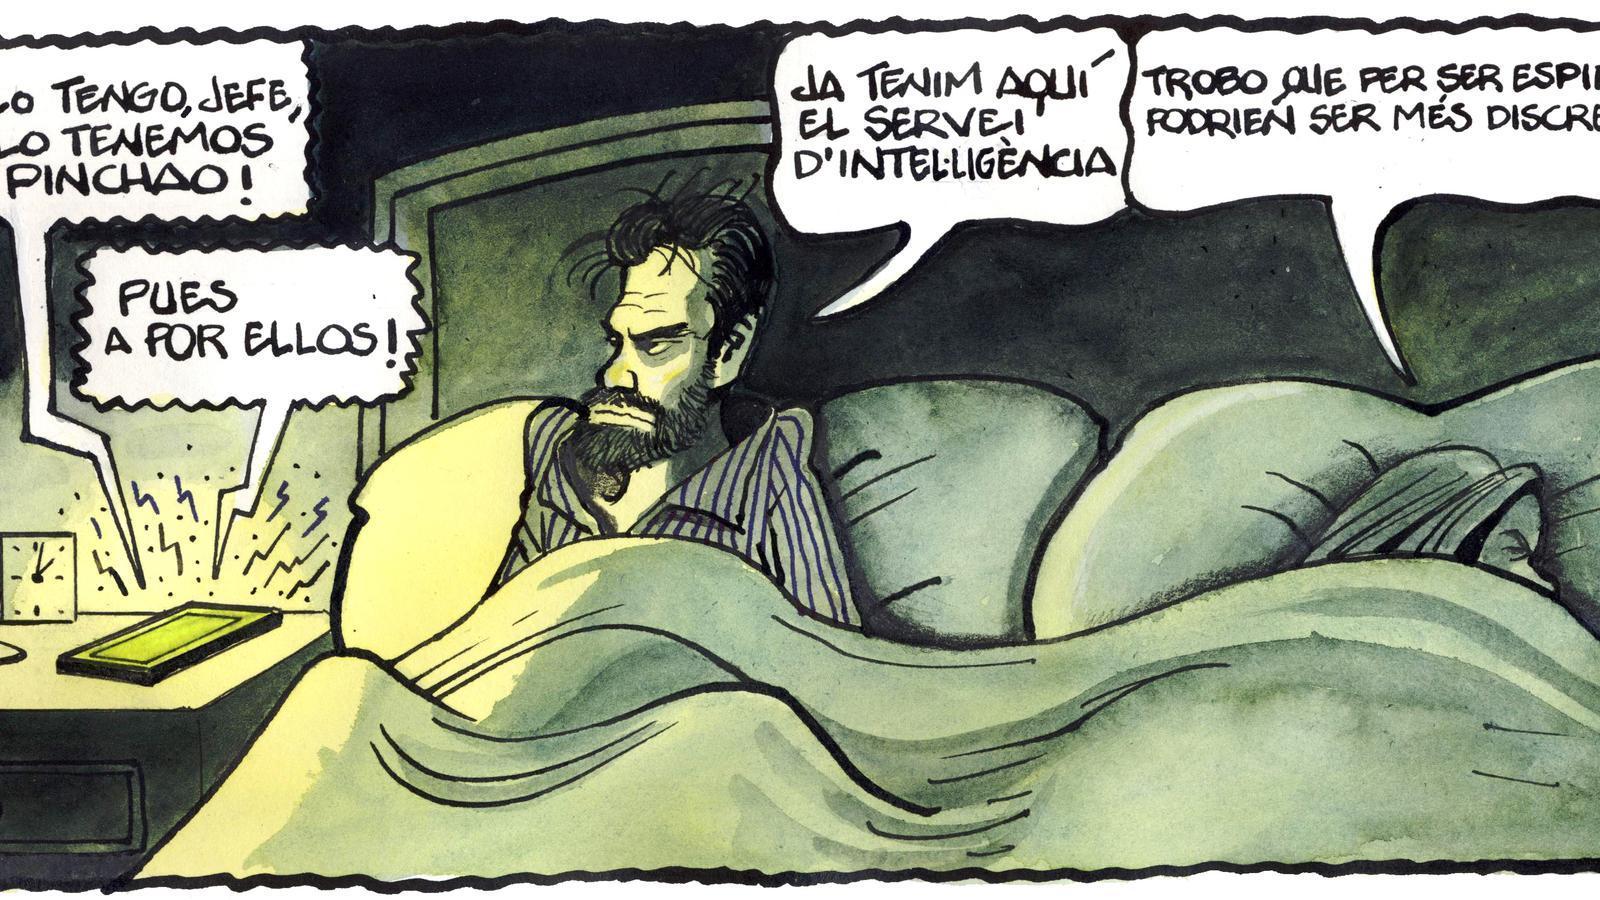 'A la contra', per Ferreres 16/07/2020